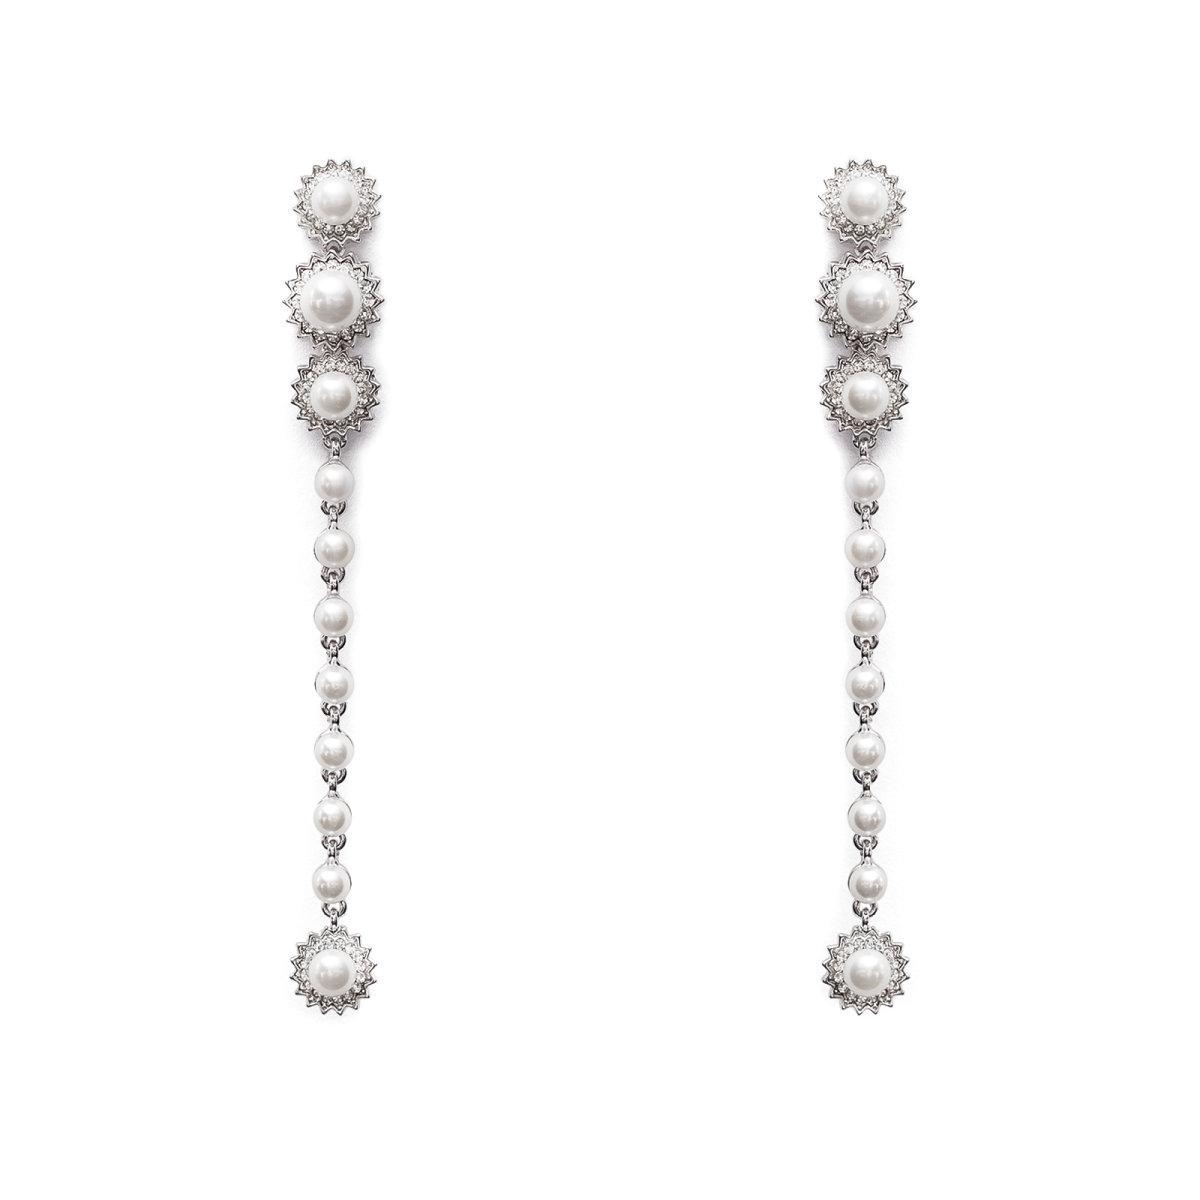 Cercei eleganti cu aplicatii tip perle Argintiu